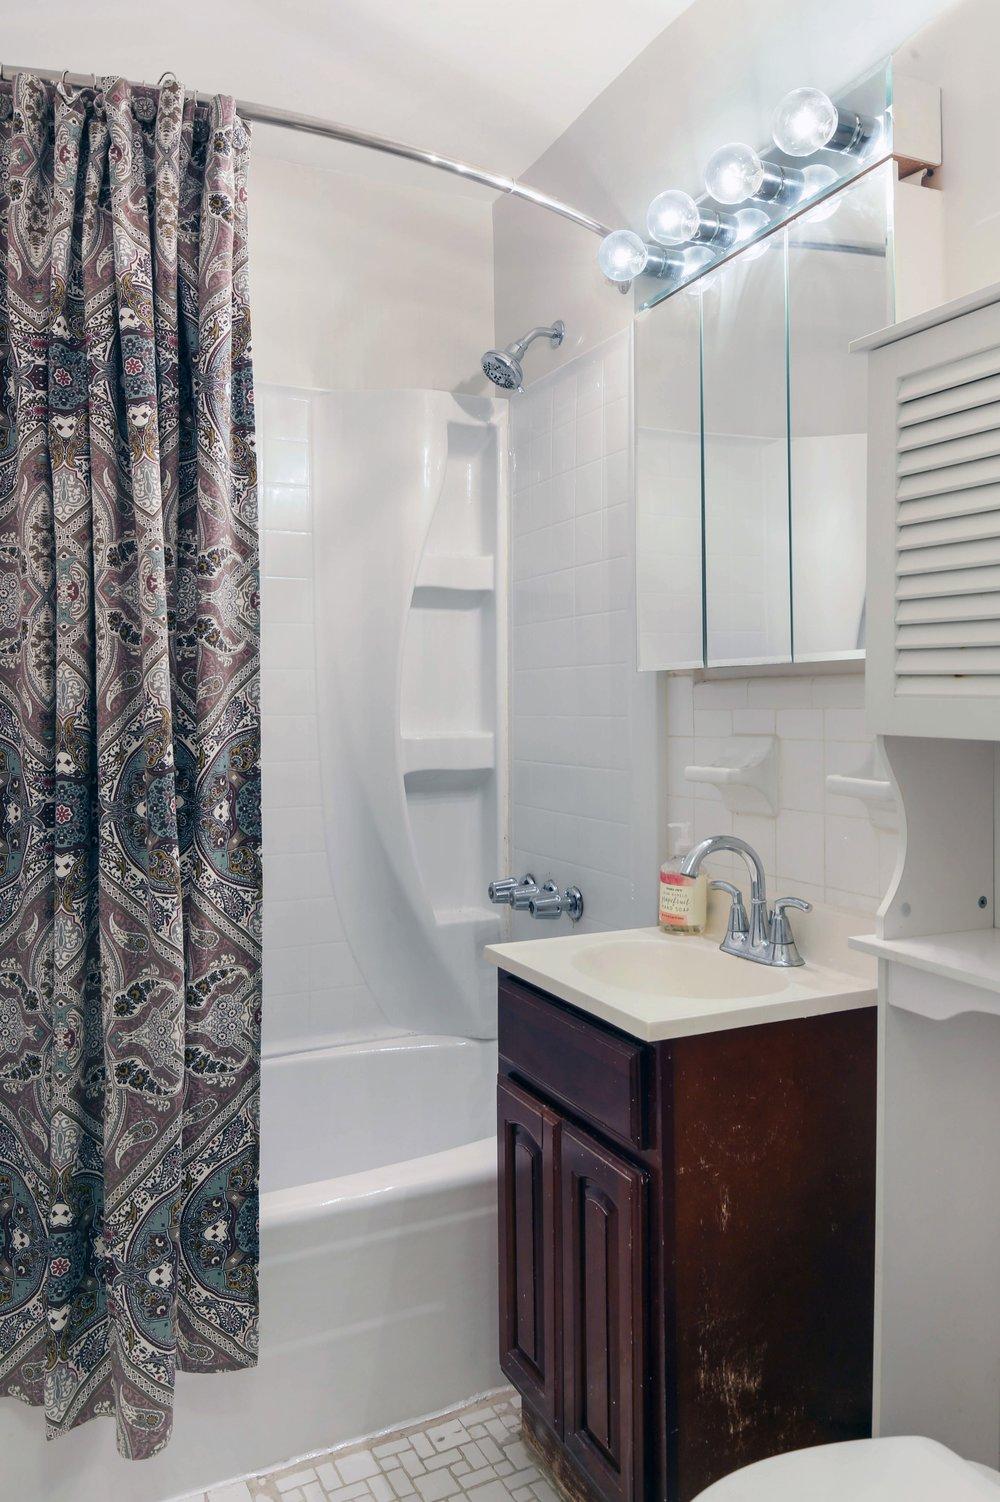 7_599East7thStreet_1D_8_Bathroom_HiRes.jpg